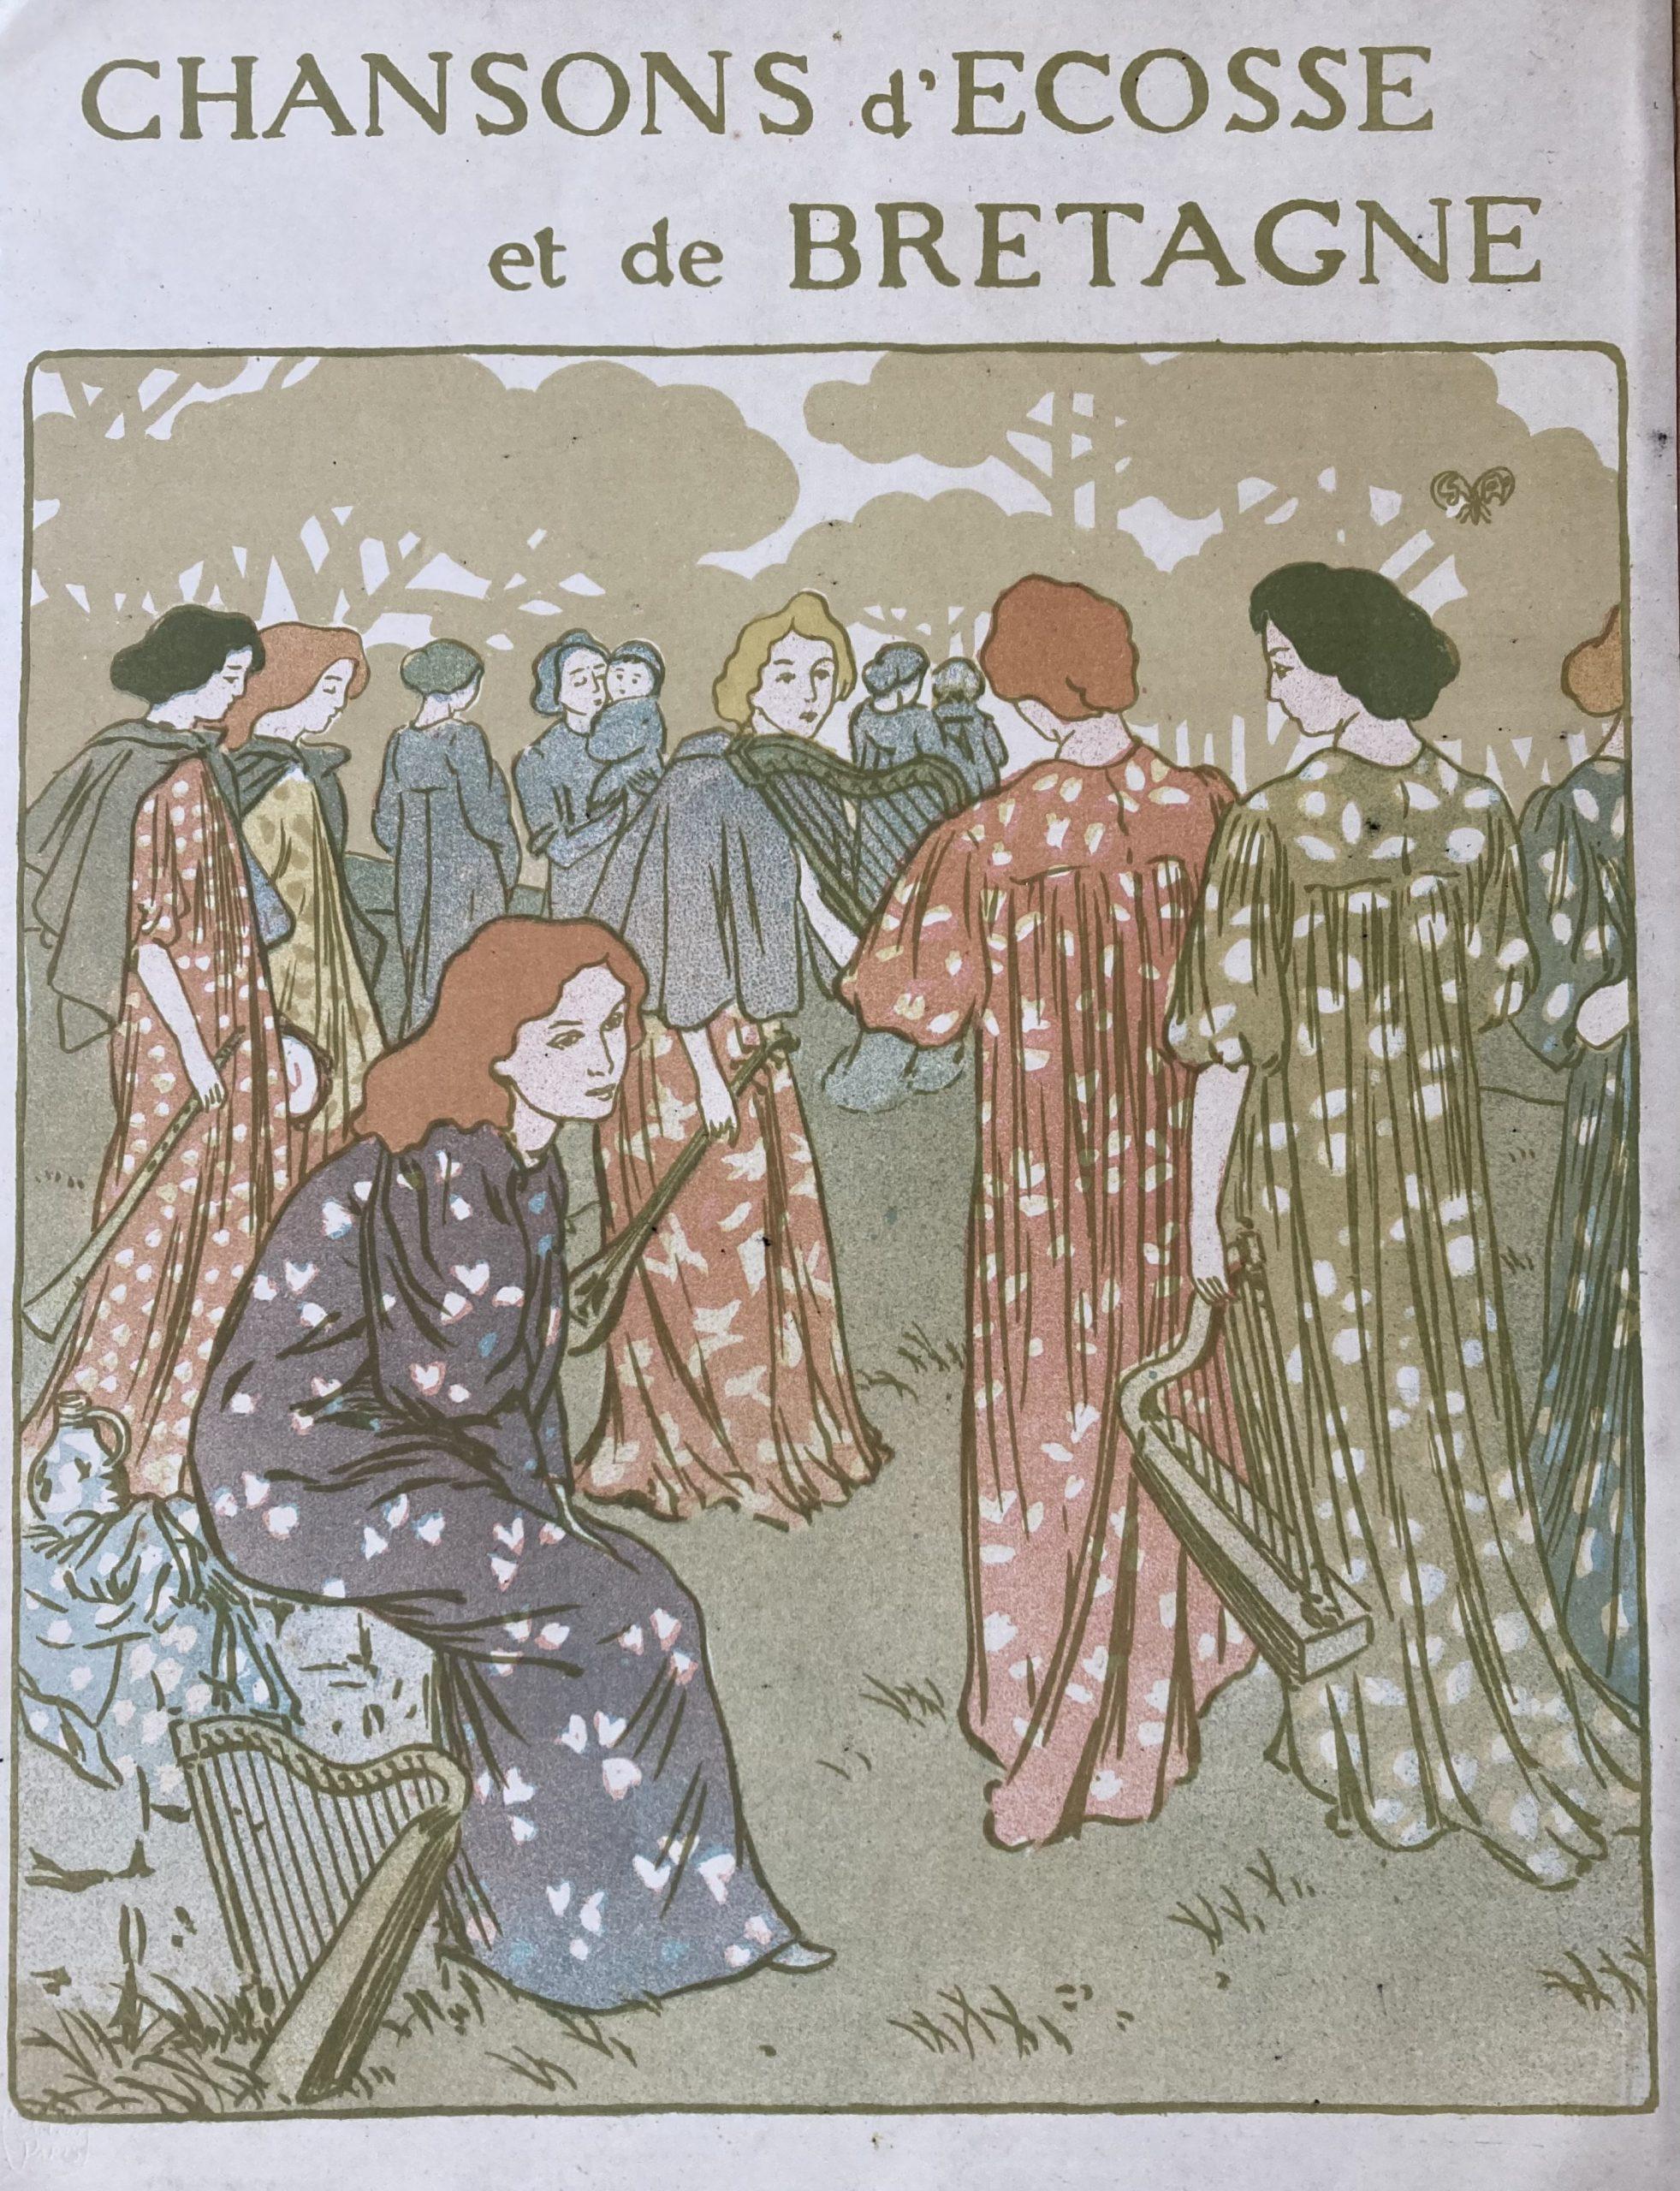 poster for chansons d'ecosse et de bretagne